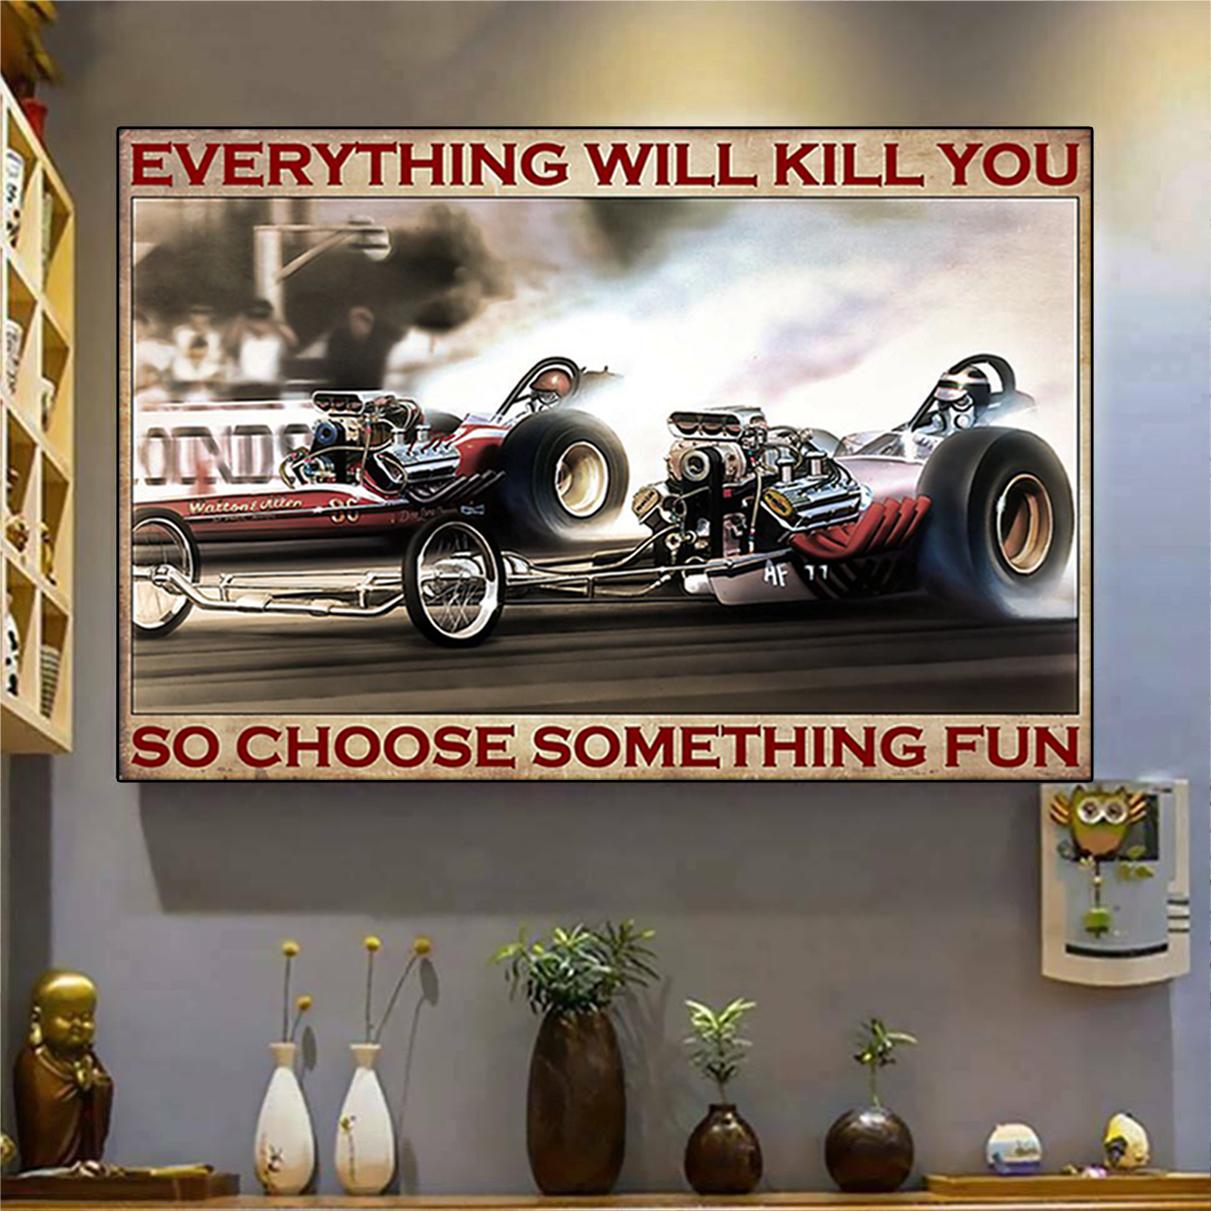 Drag racing choose something fun poster A3